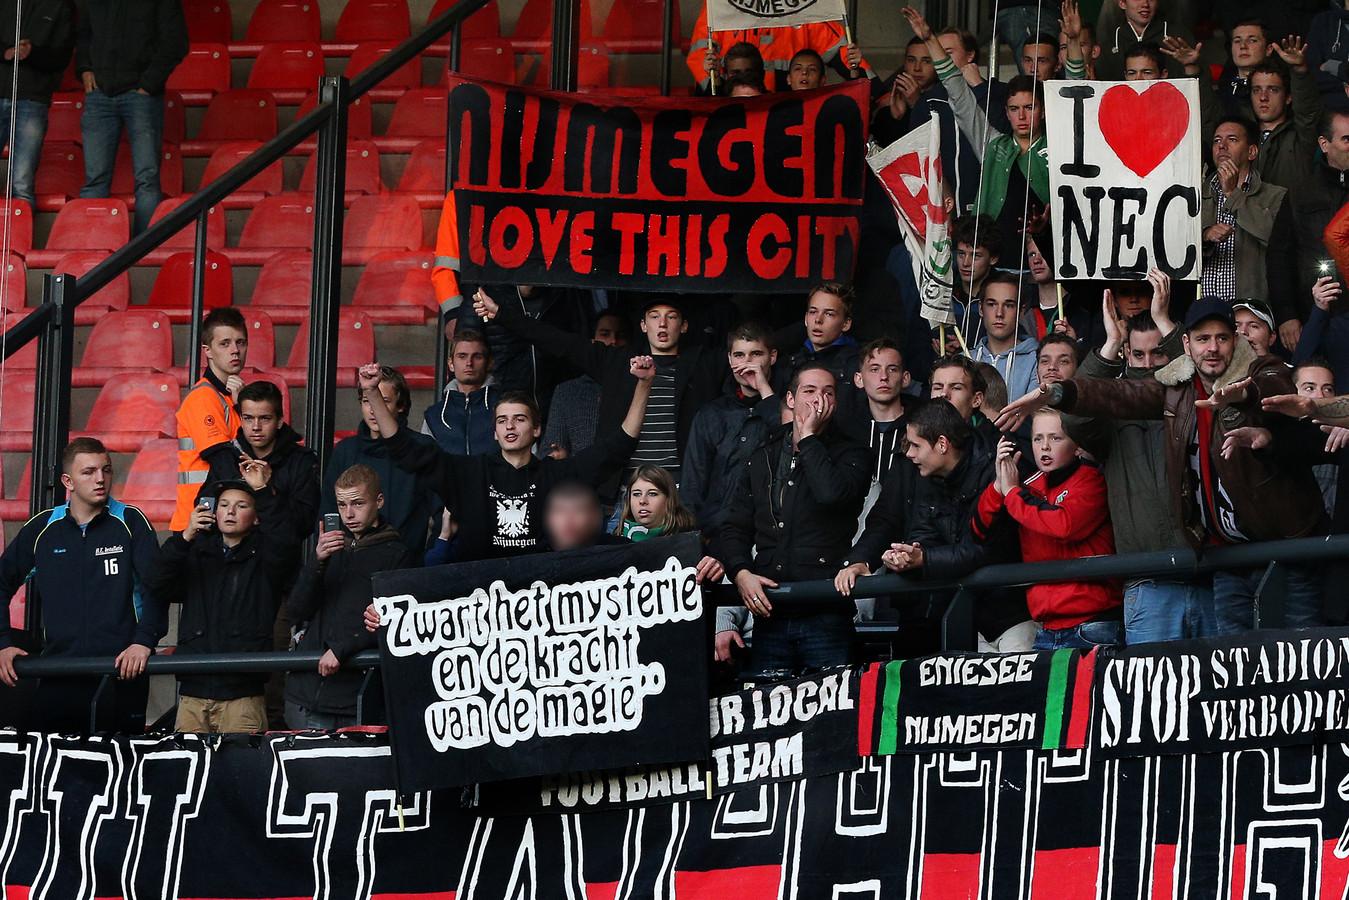 NEC-supporters op 9 november 2014 met het nu omstreden spandoek.